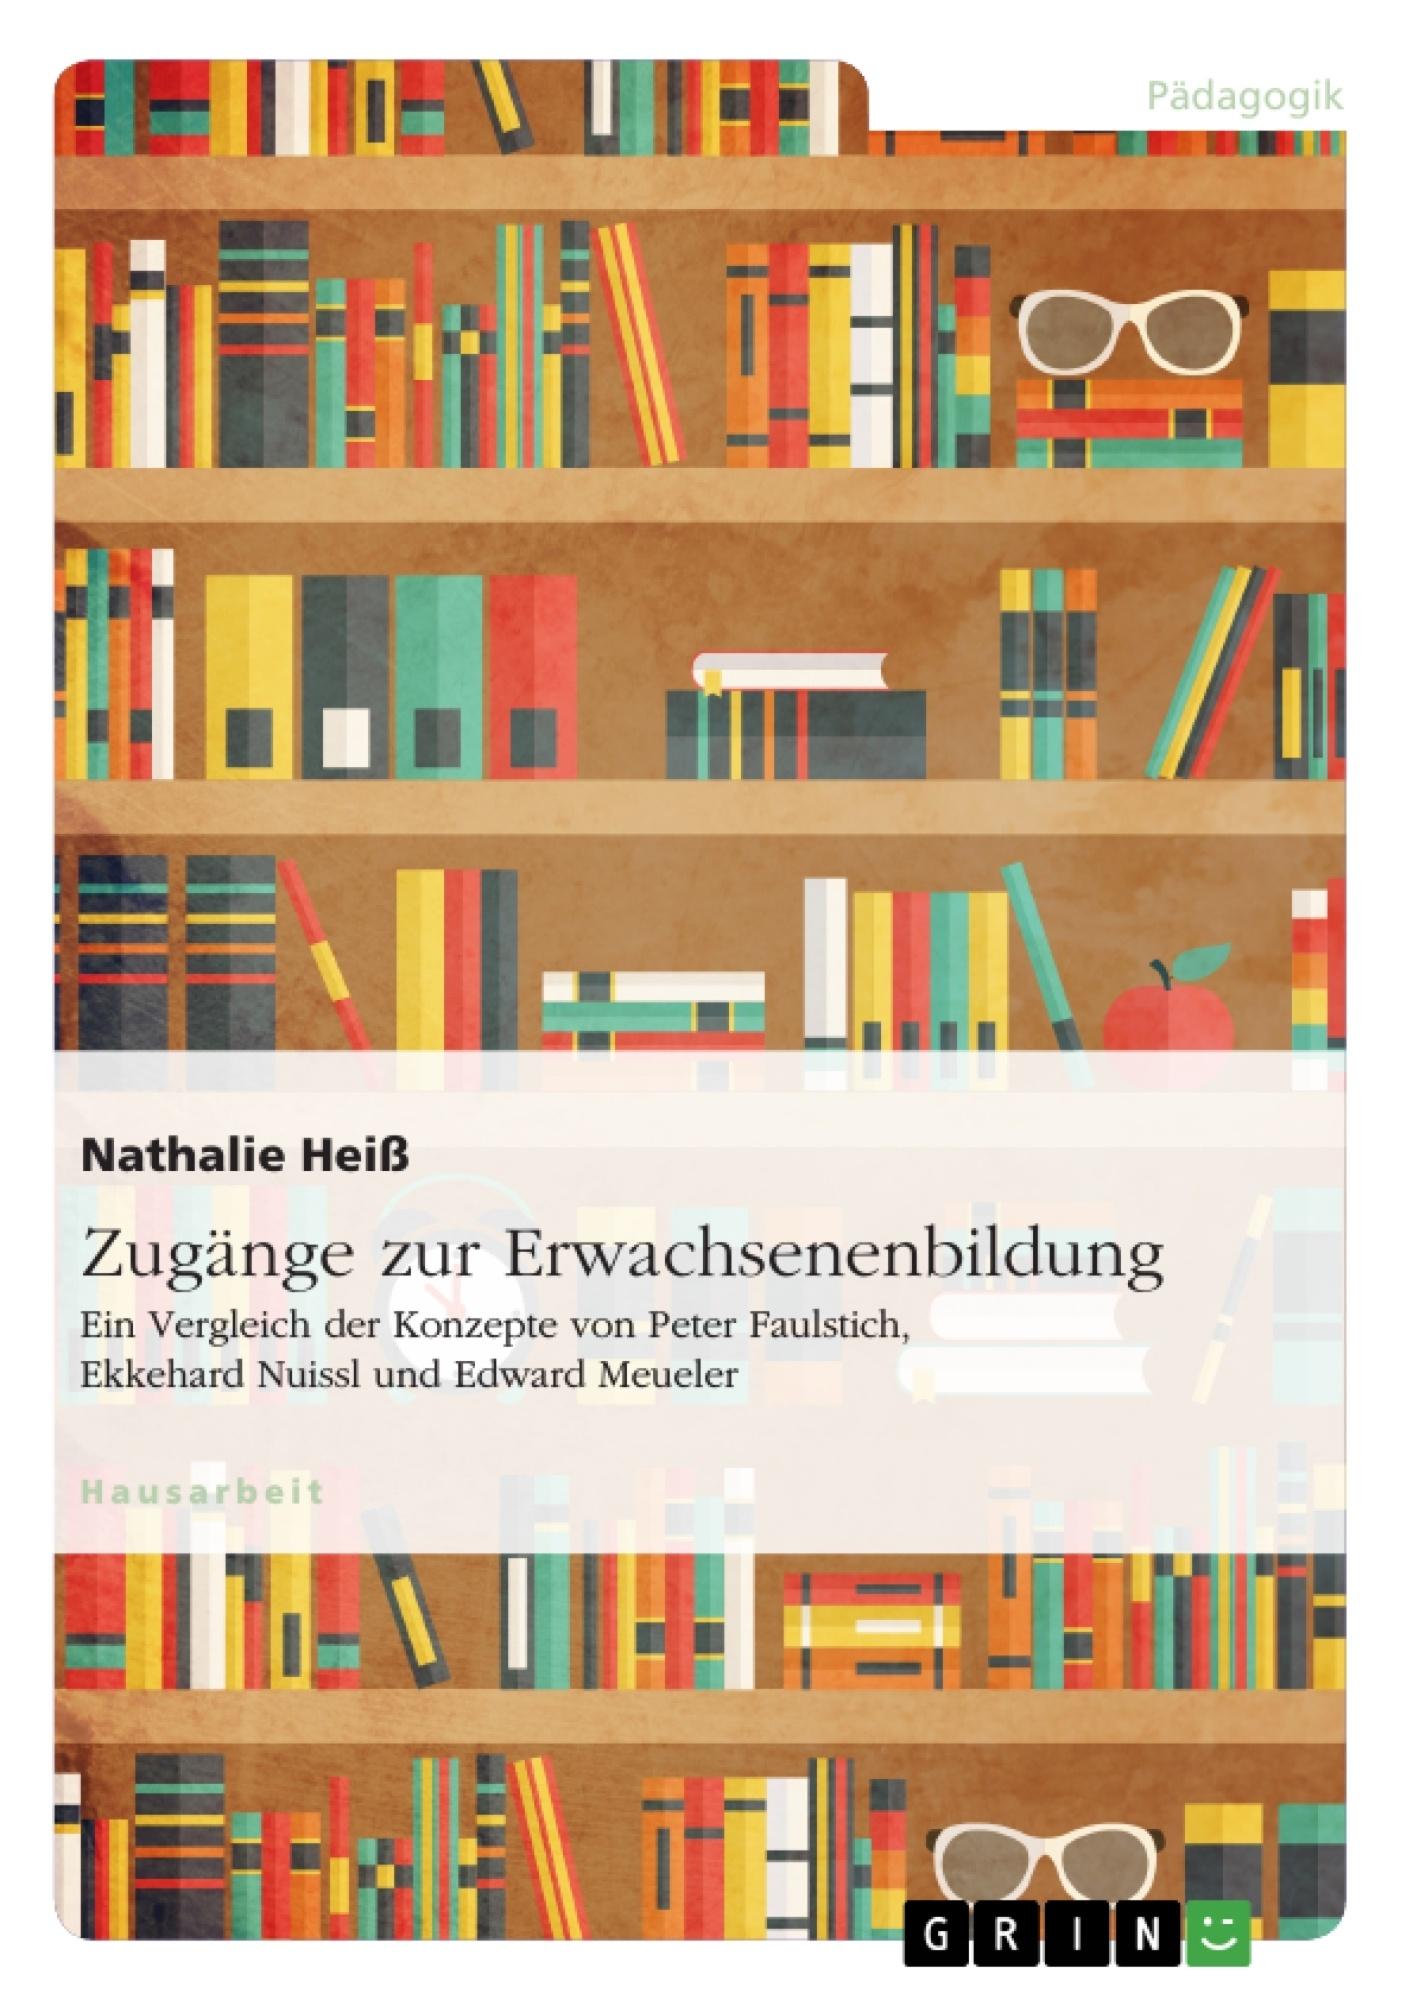 Titel: Zugänge zur Erwachsenenbildung. Ein Vergleich der Konzepte von Peter Faulstich, Ekkehard Nuissl und Edward Meueler